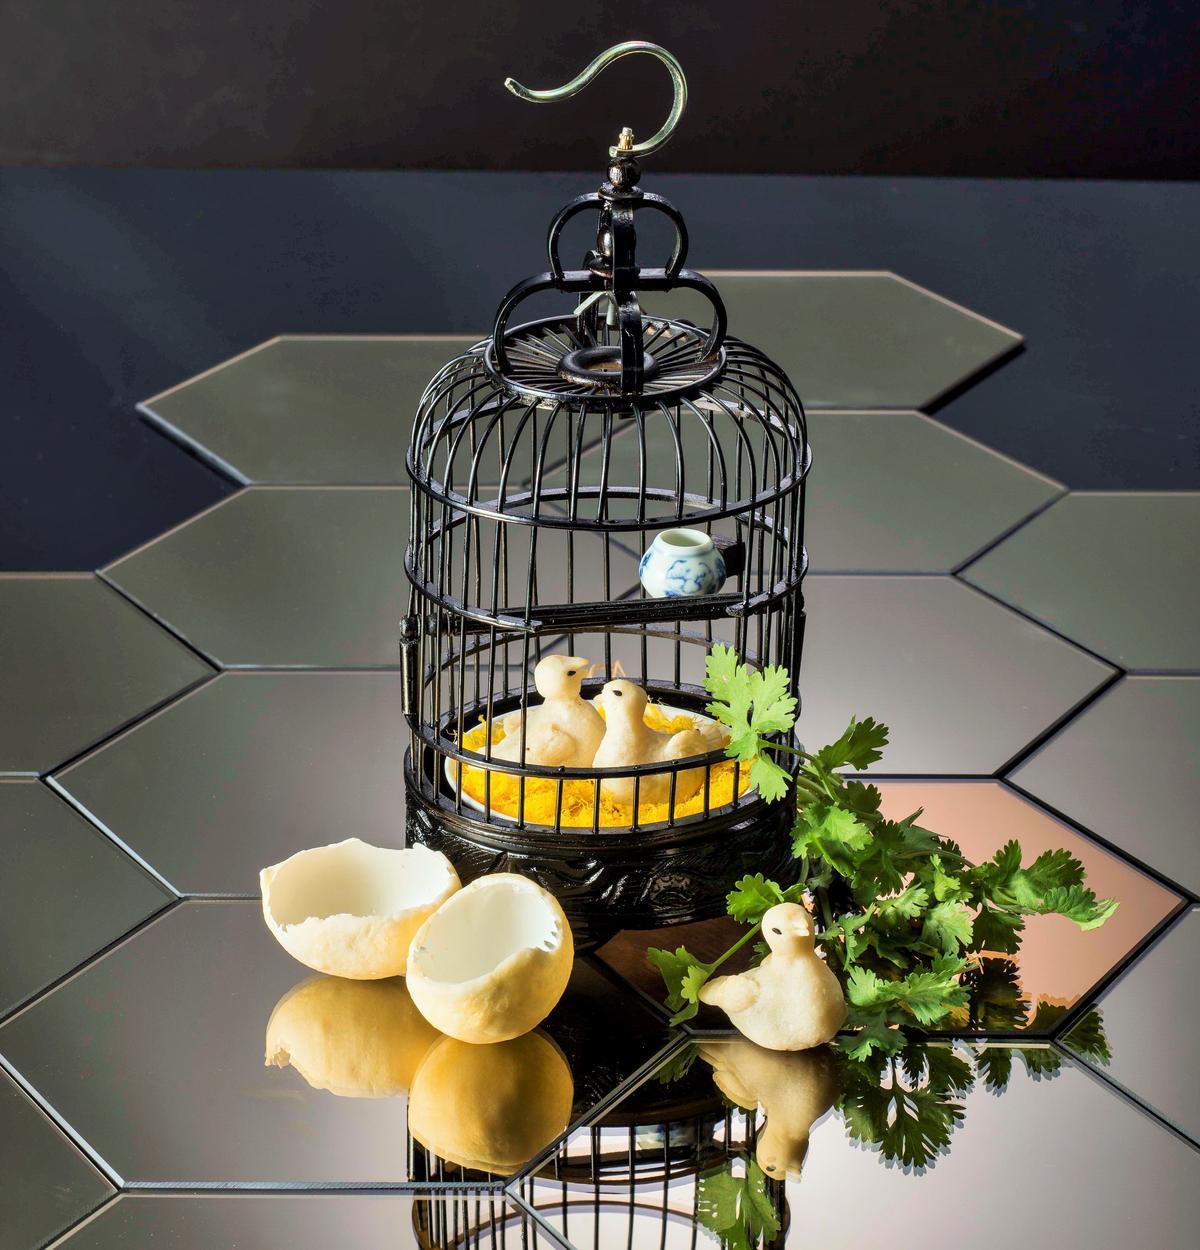 小鳥造型的鳳梨酥,後來才知道叫做「鴿吞鳳梨」。(港幣59元/份,約NT$240)(圖片提供:Yum Cha)